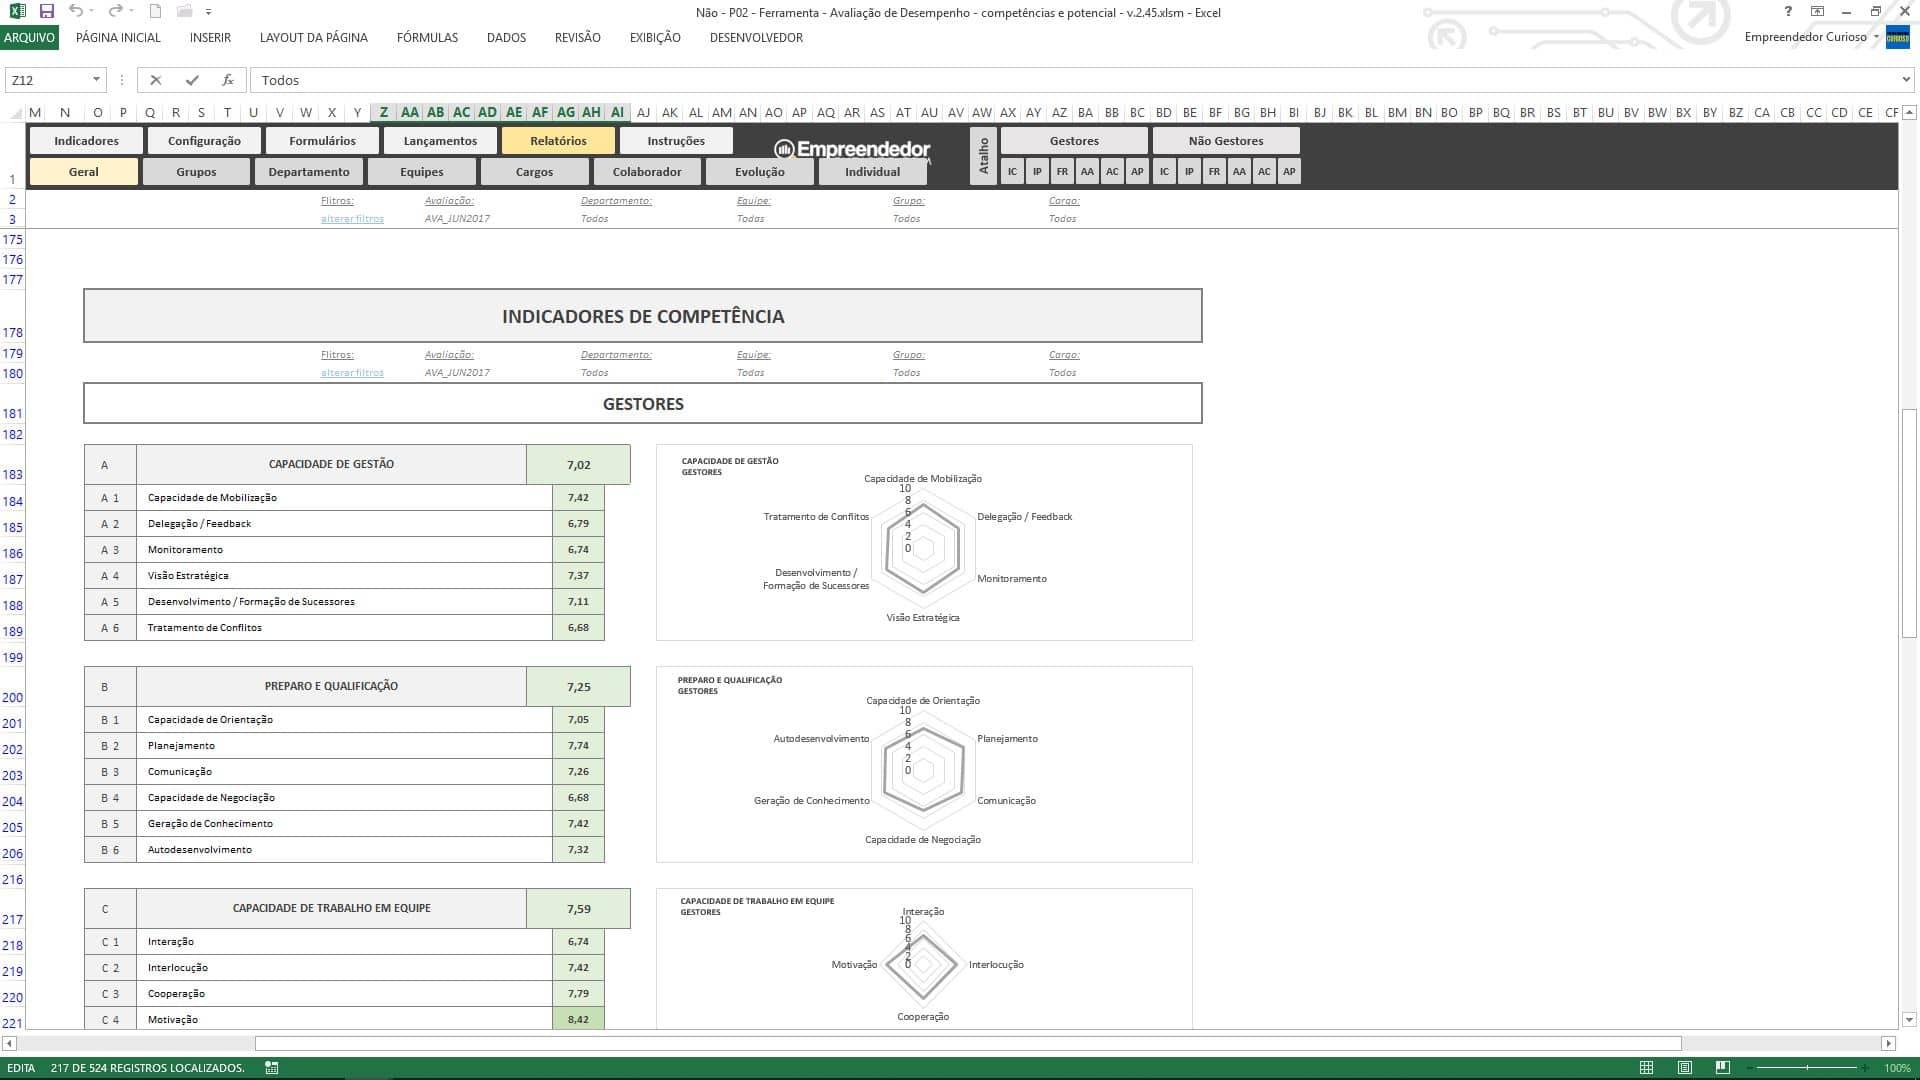 Planilha de avaliação de desempenho de funcionário - Indicadores de Competências - Relatório Geral